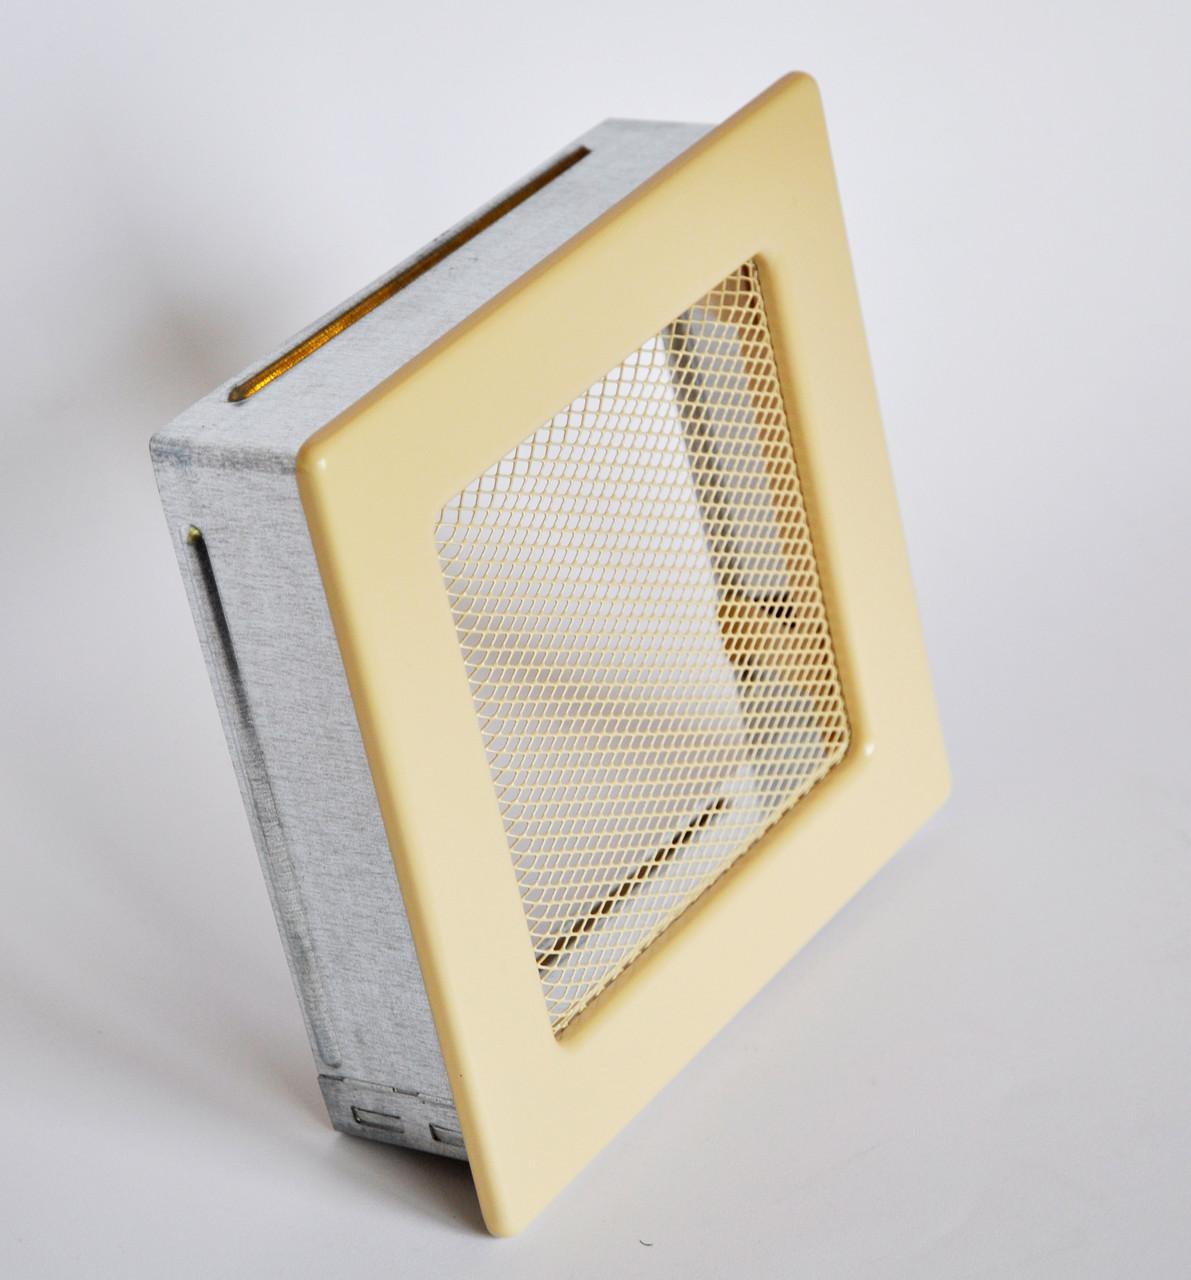 Решетка каминная 17х17 кремовая, вентиляционная для камина, декоративная